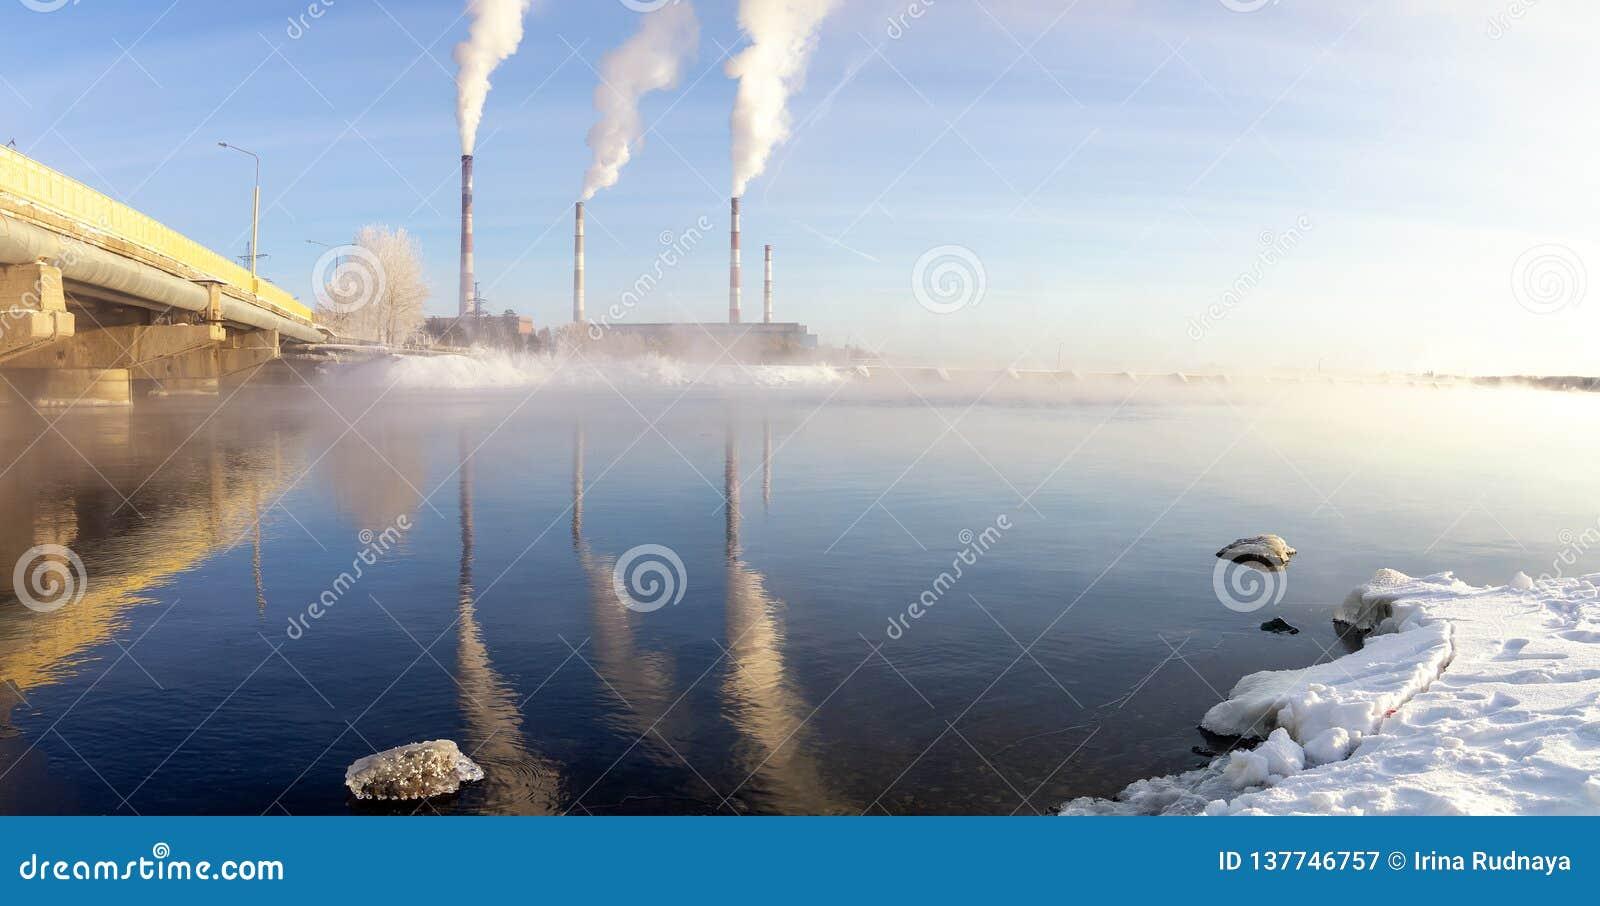 Panorama do reservatório de Reftinsky com central elétrica, Rússia, Ural